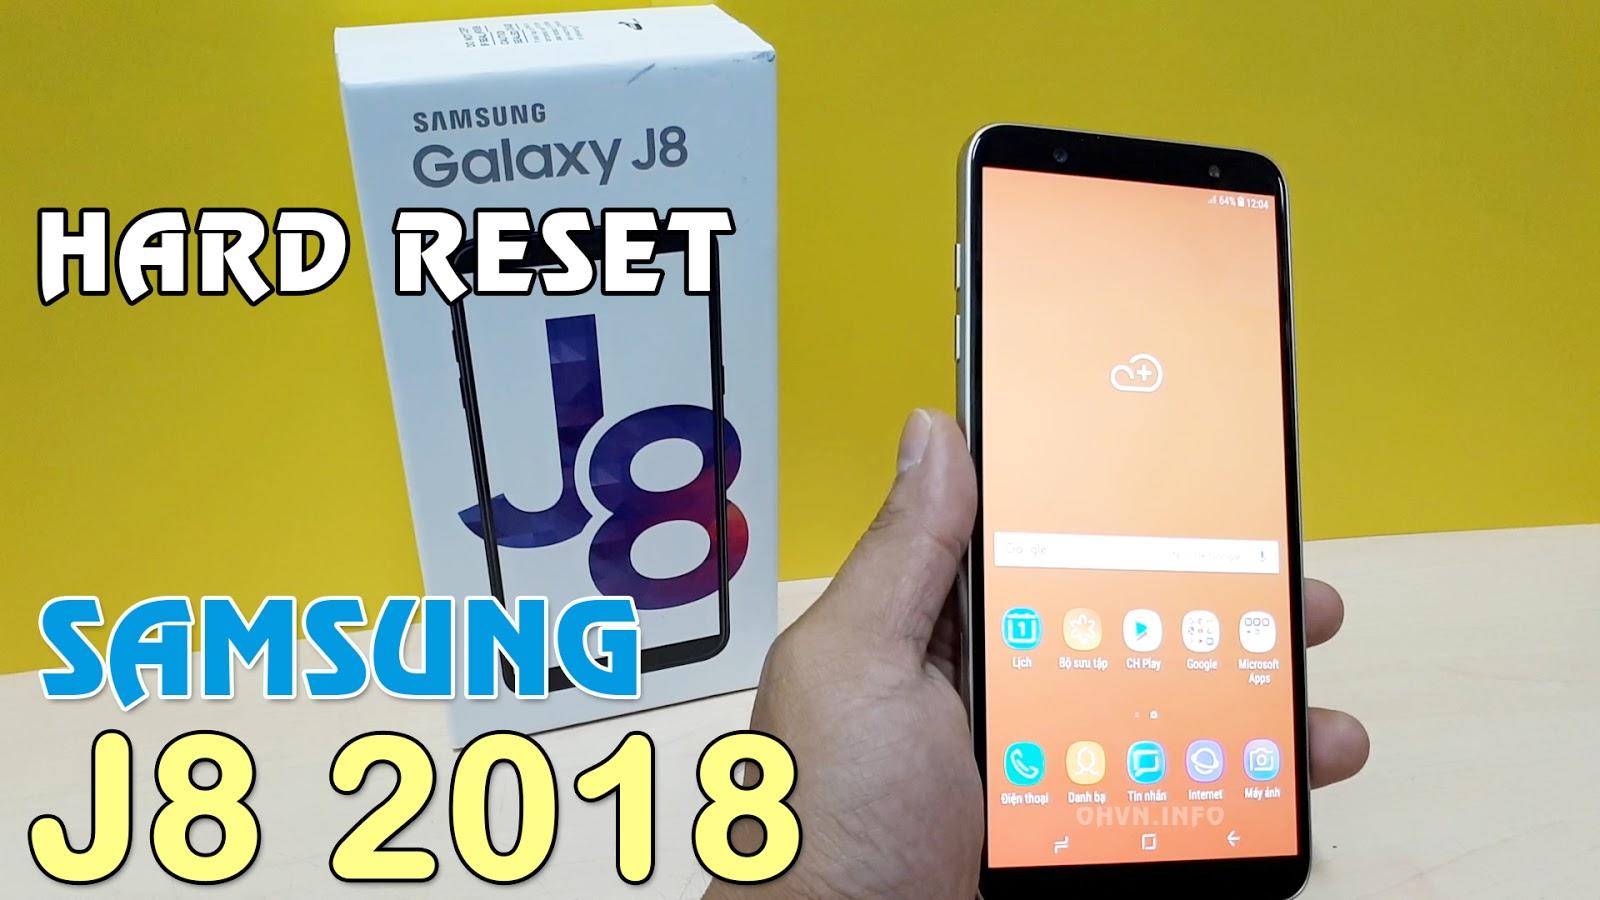 Hard Reset điện thoại Samsung J8 2018